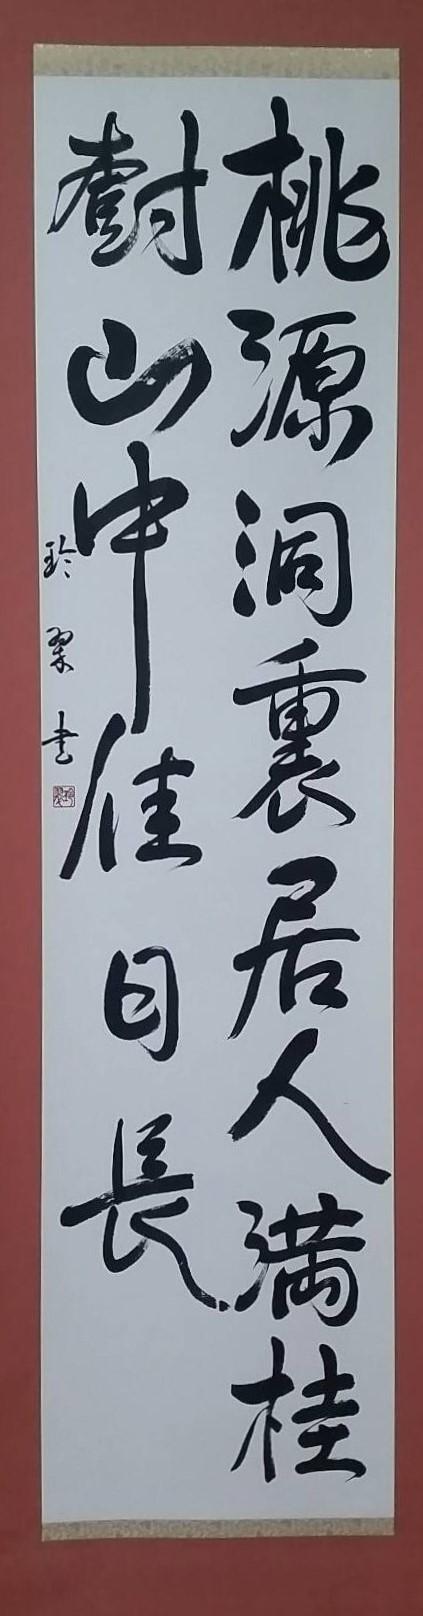 河本 玲翠ー漢詩